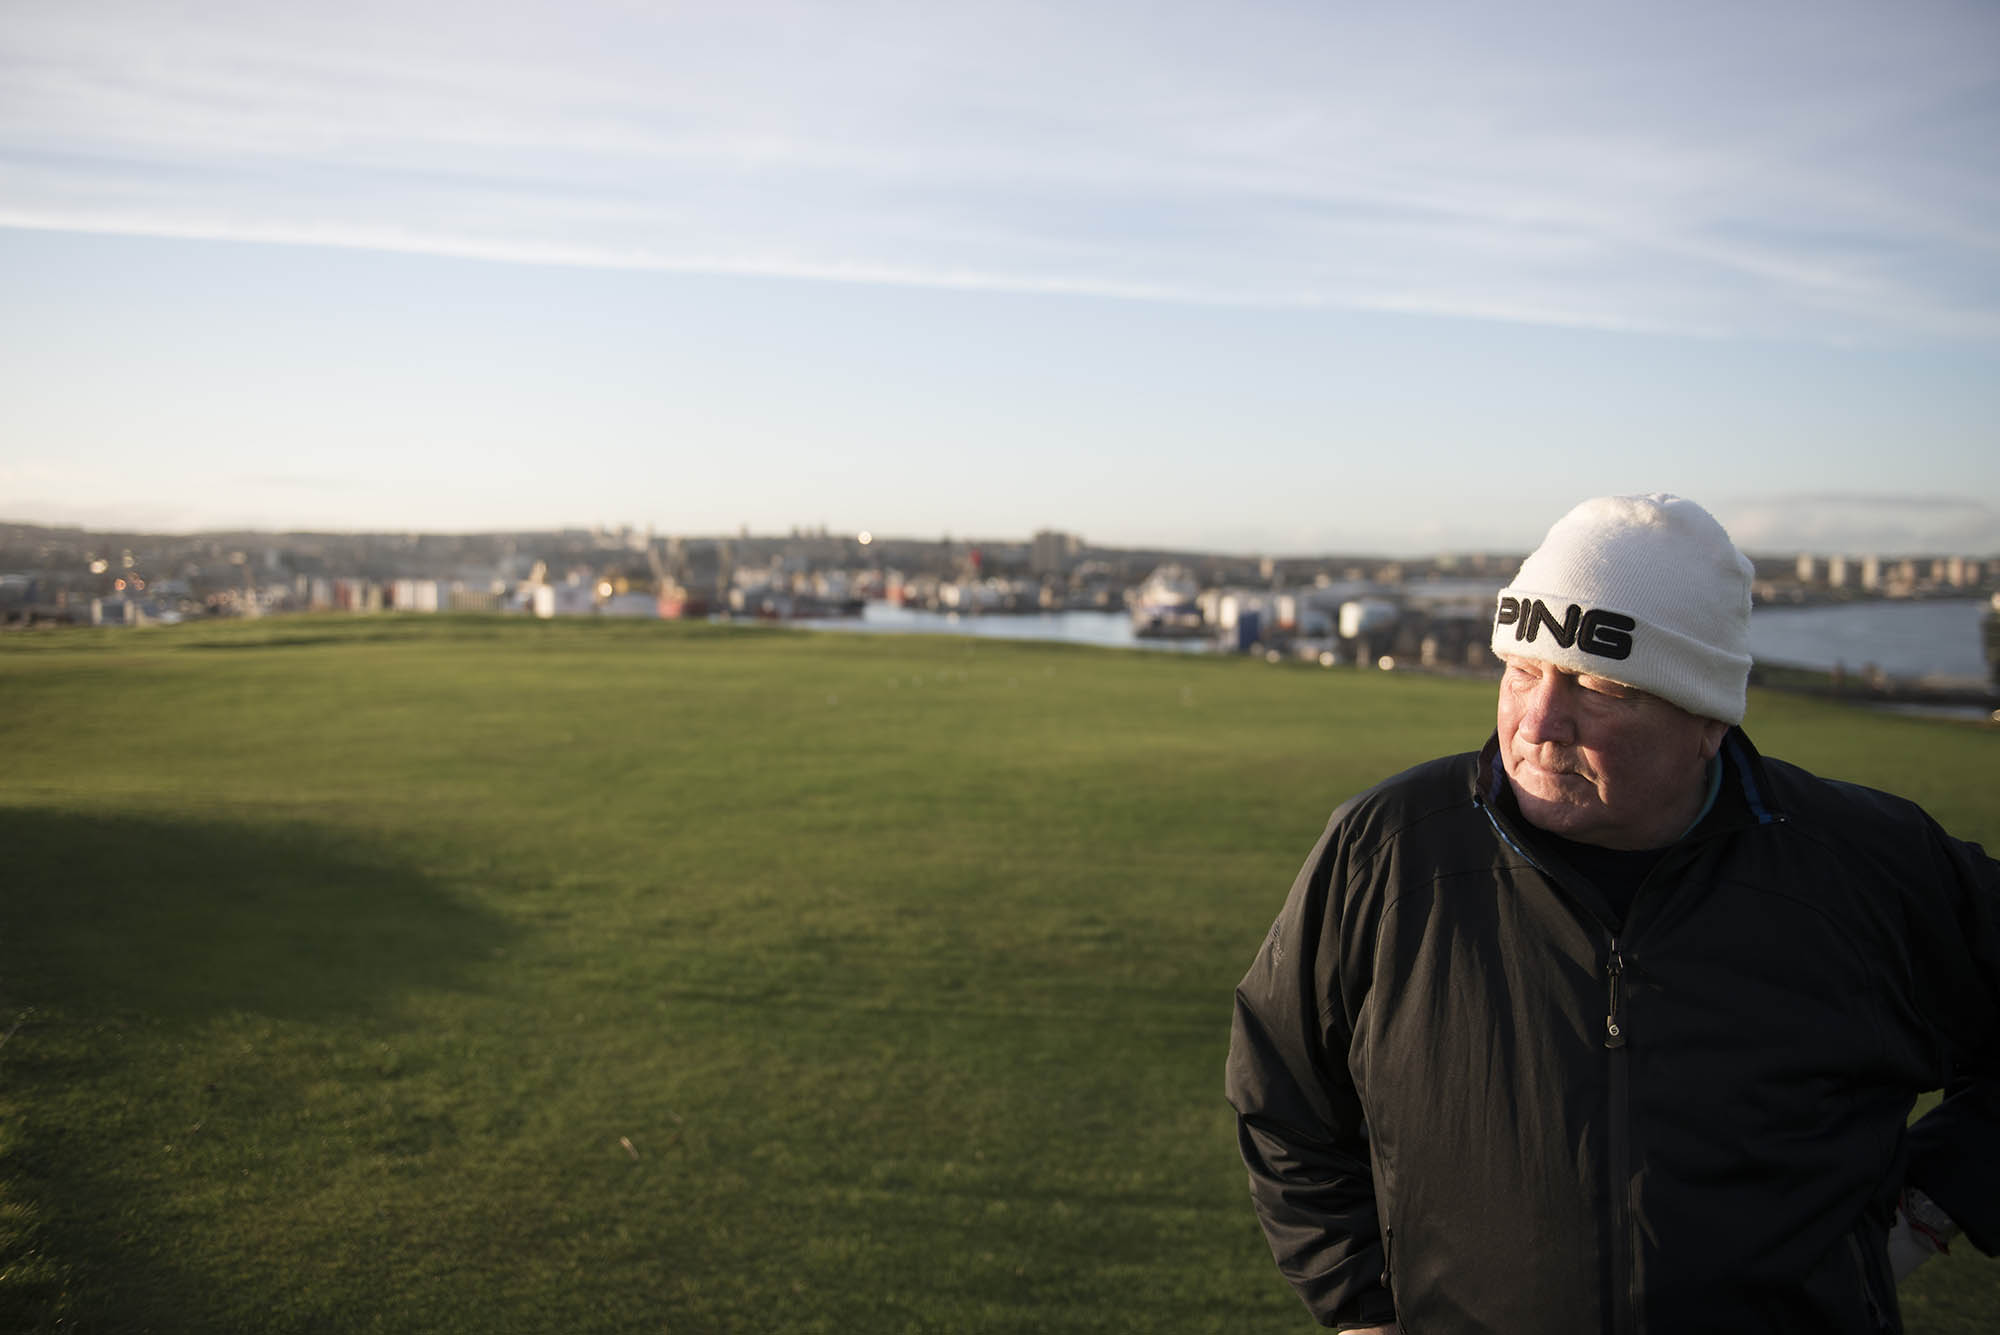 Reportasje Aberdeen - Storbritannias oljehovedstad